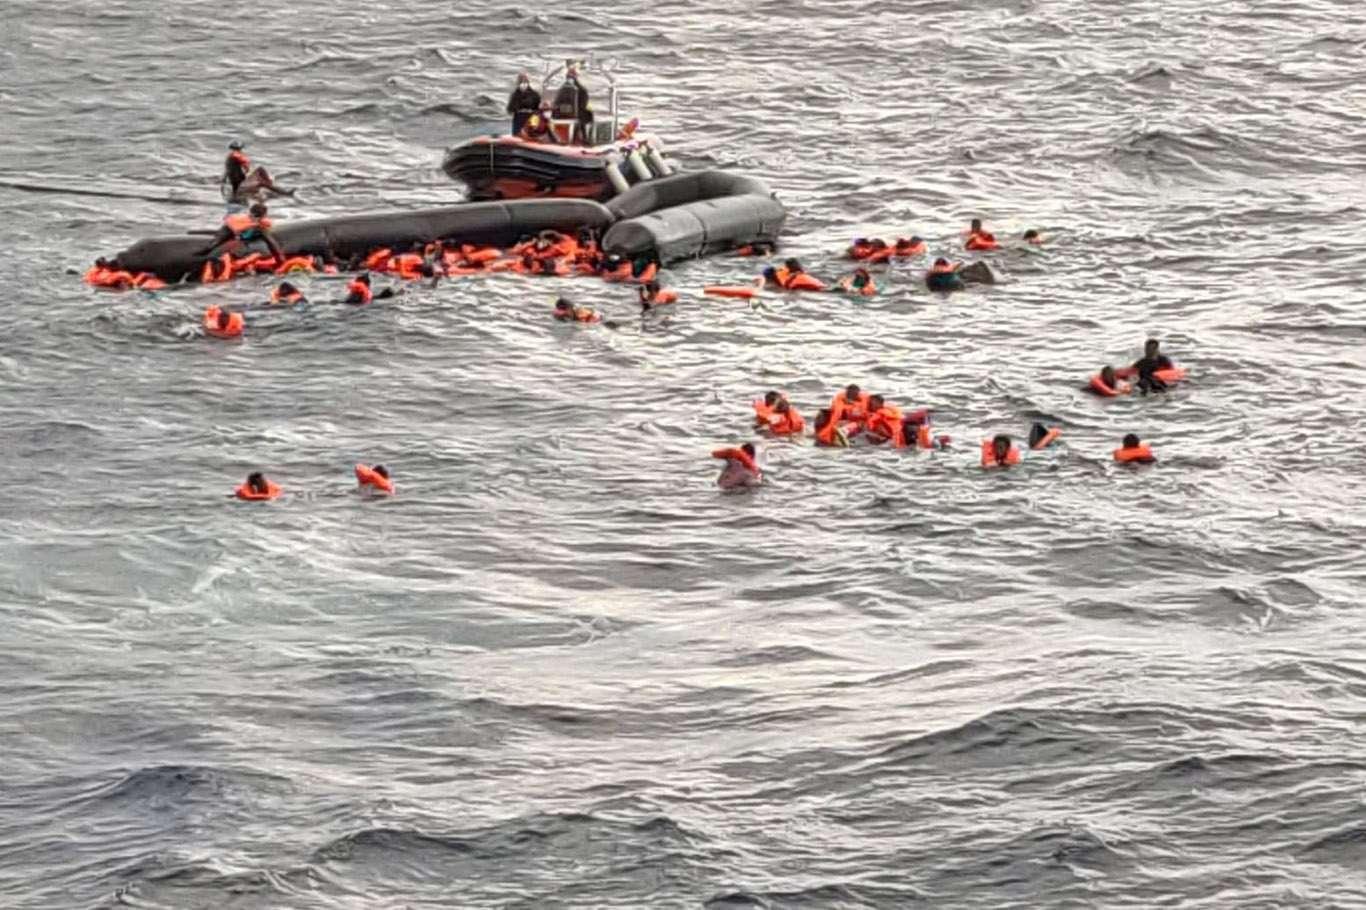 غرق-قارب-يقل-مهاجرين-في-البحر-المتوسط1605180965